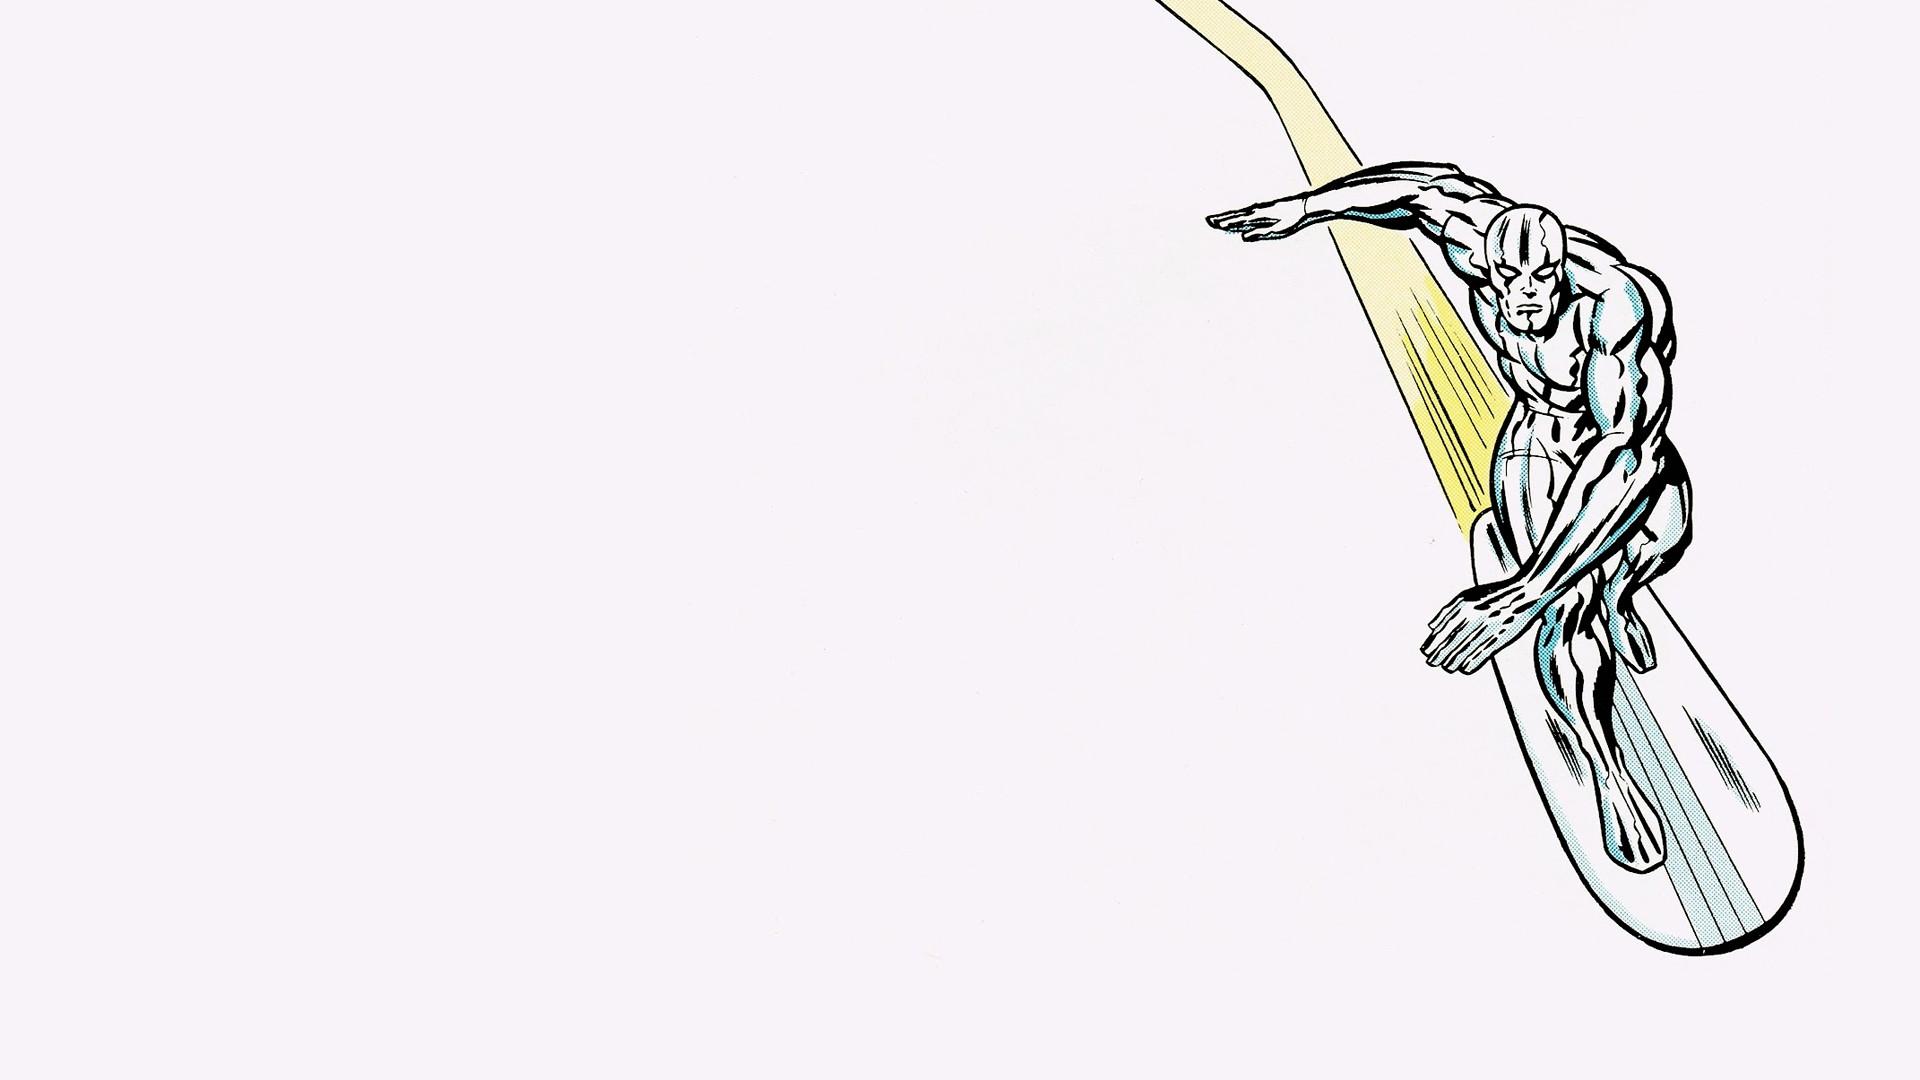 Comics – Silver Surfer Wallpaper